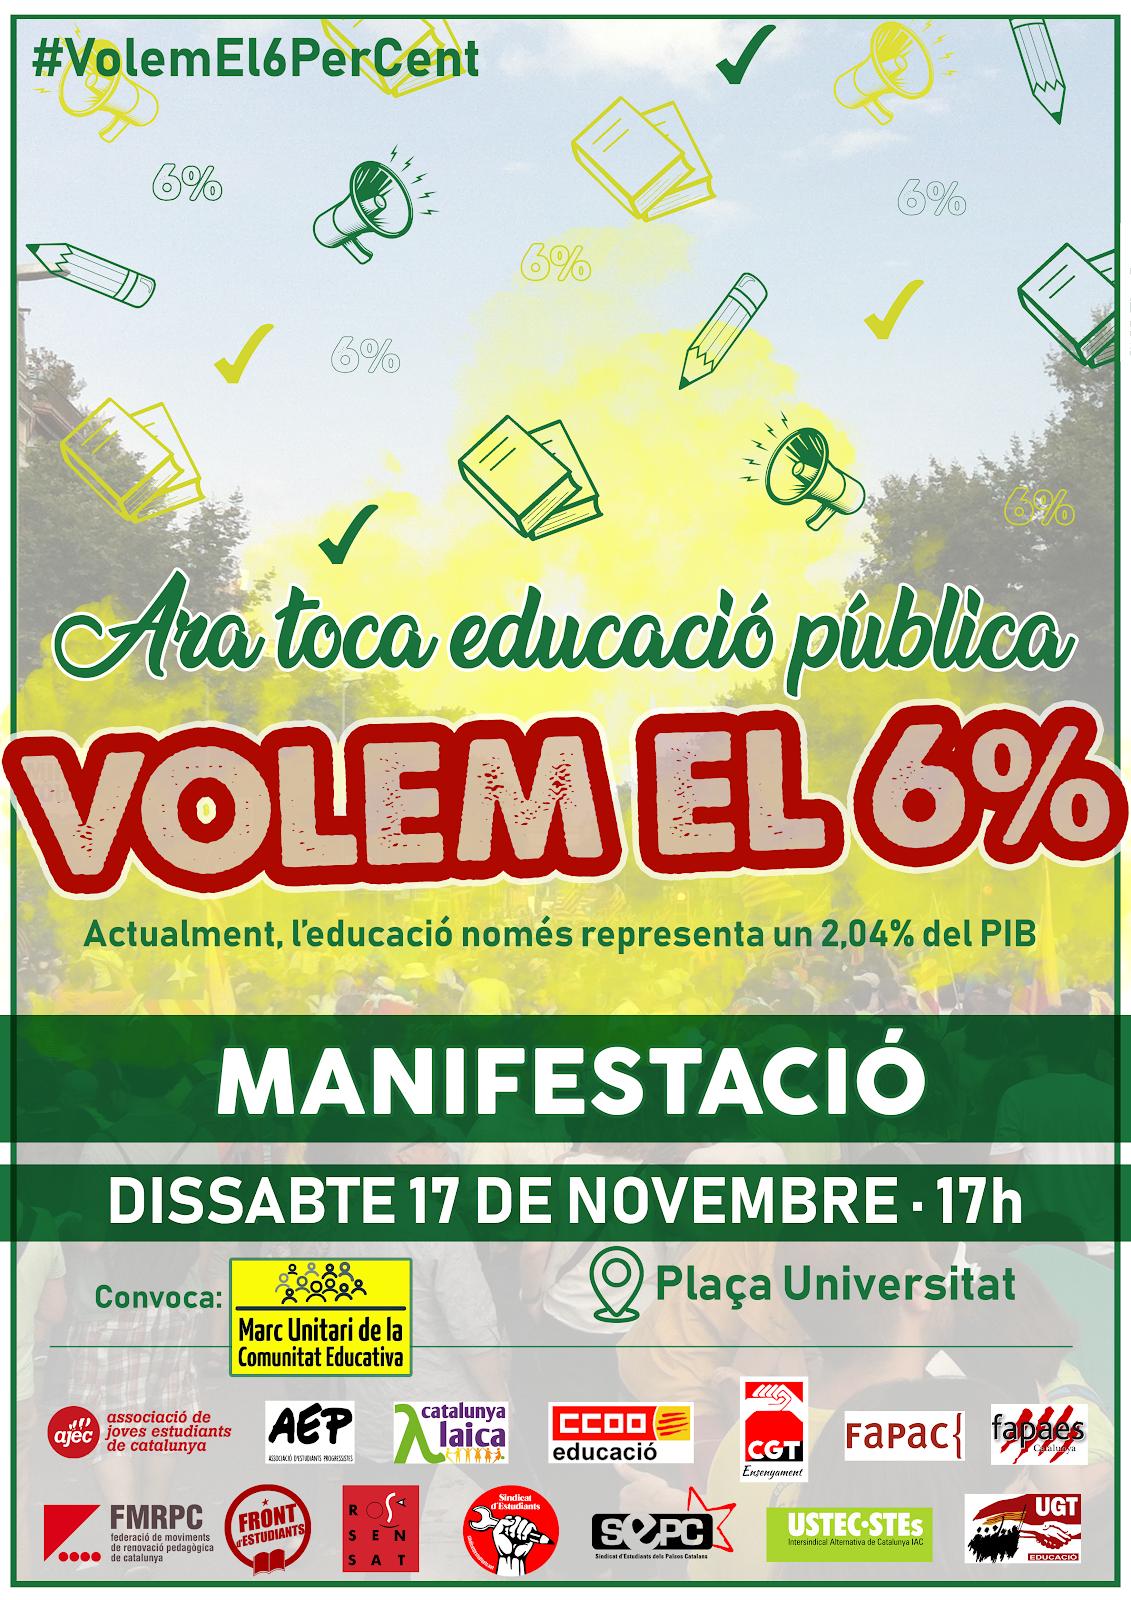 VOLEM EL 6%!!